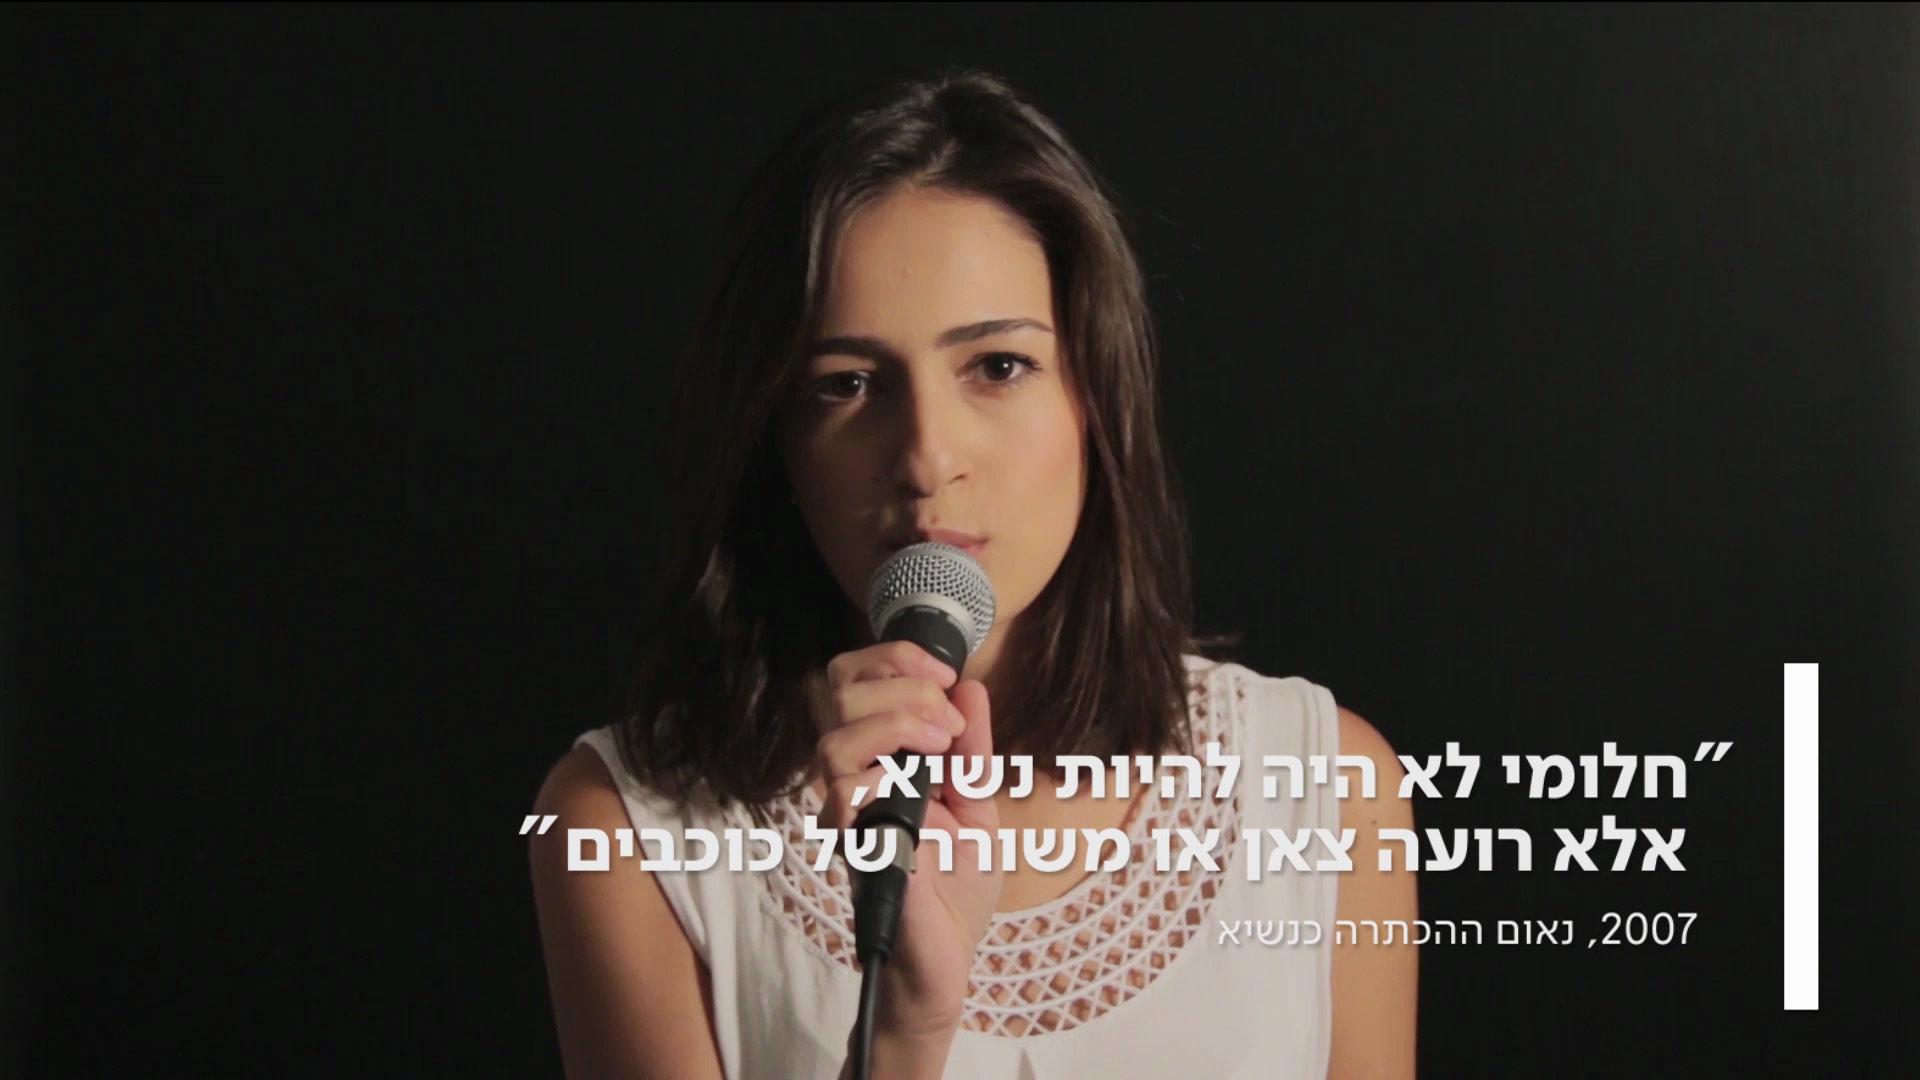 נפרדים משמעון פרס